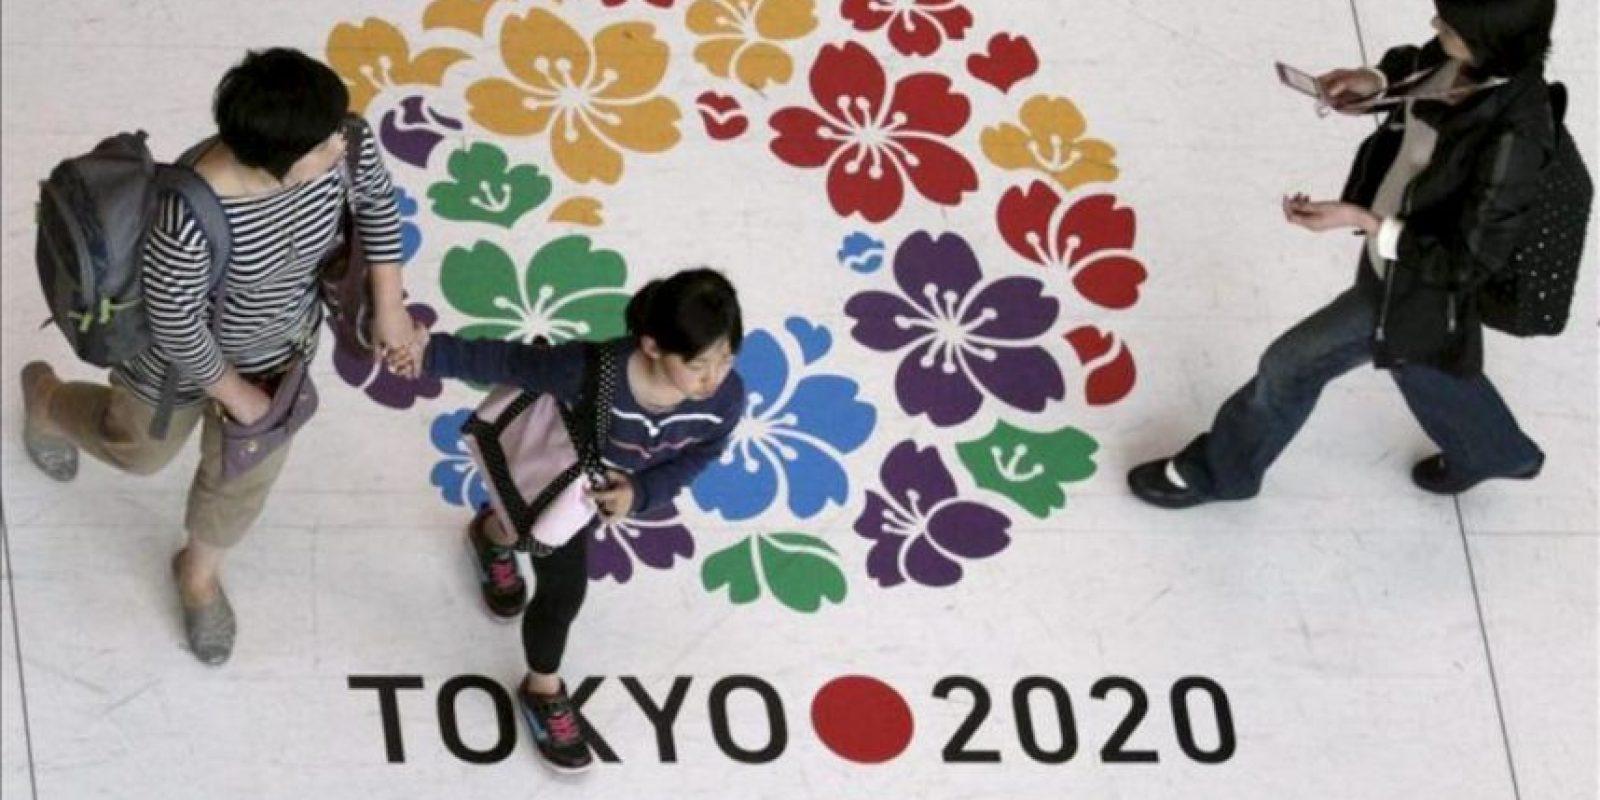 Varias personas caminan sobre el logotipo de la candidatura de Tokio para los Juegos Olímpicos de 2020, en Tokio, Japón, hoy. EFE